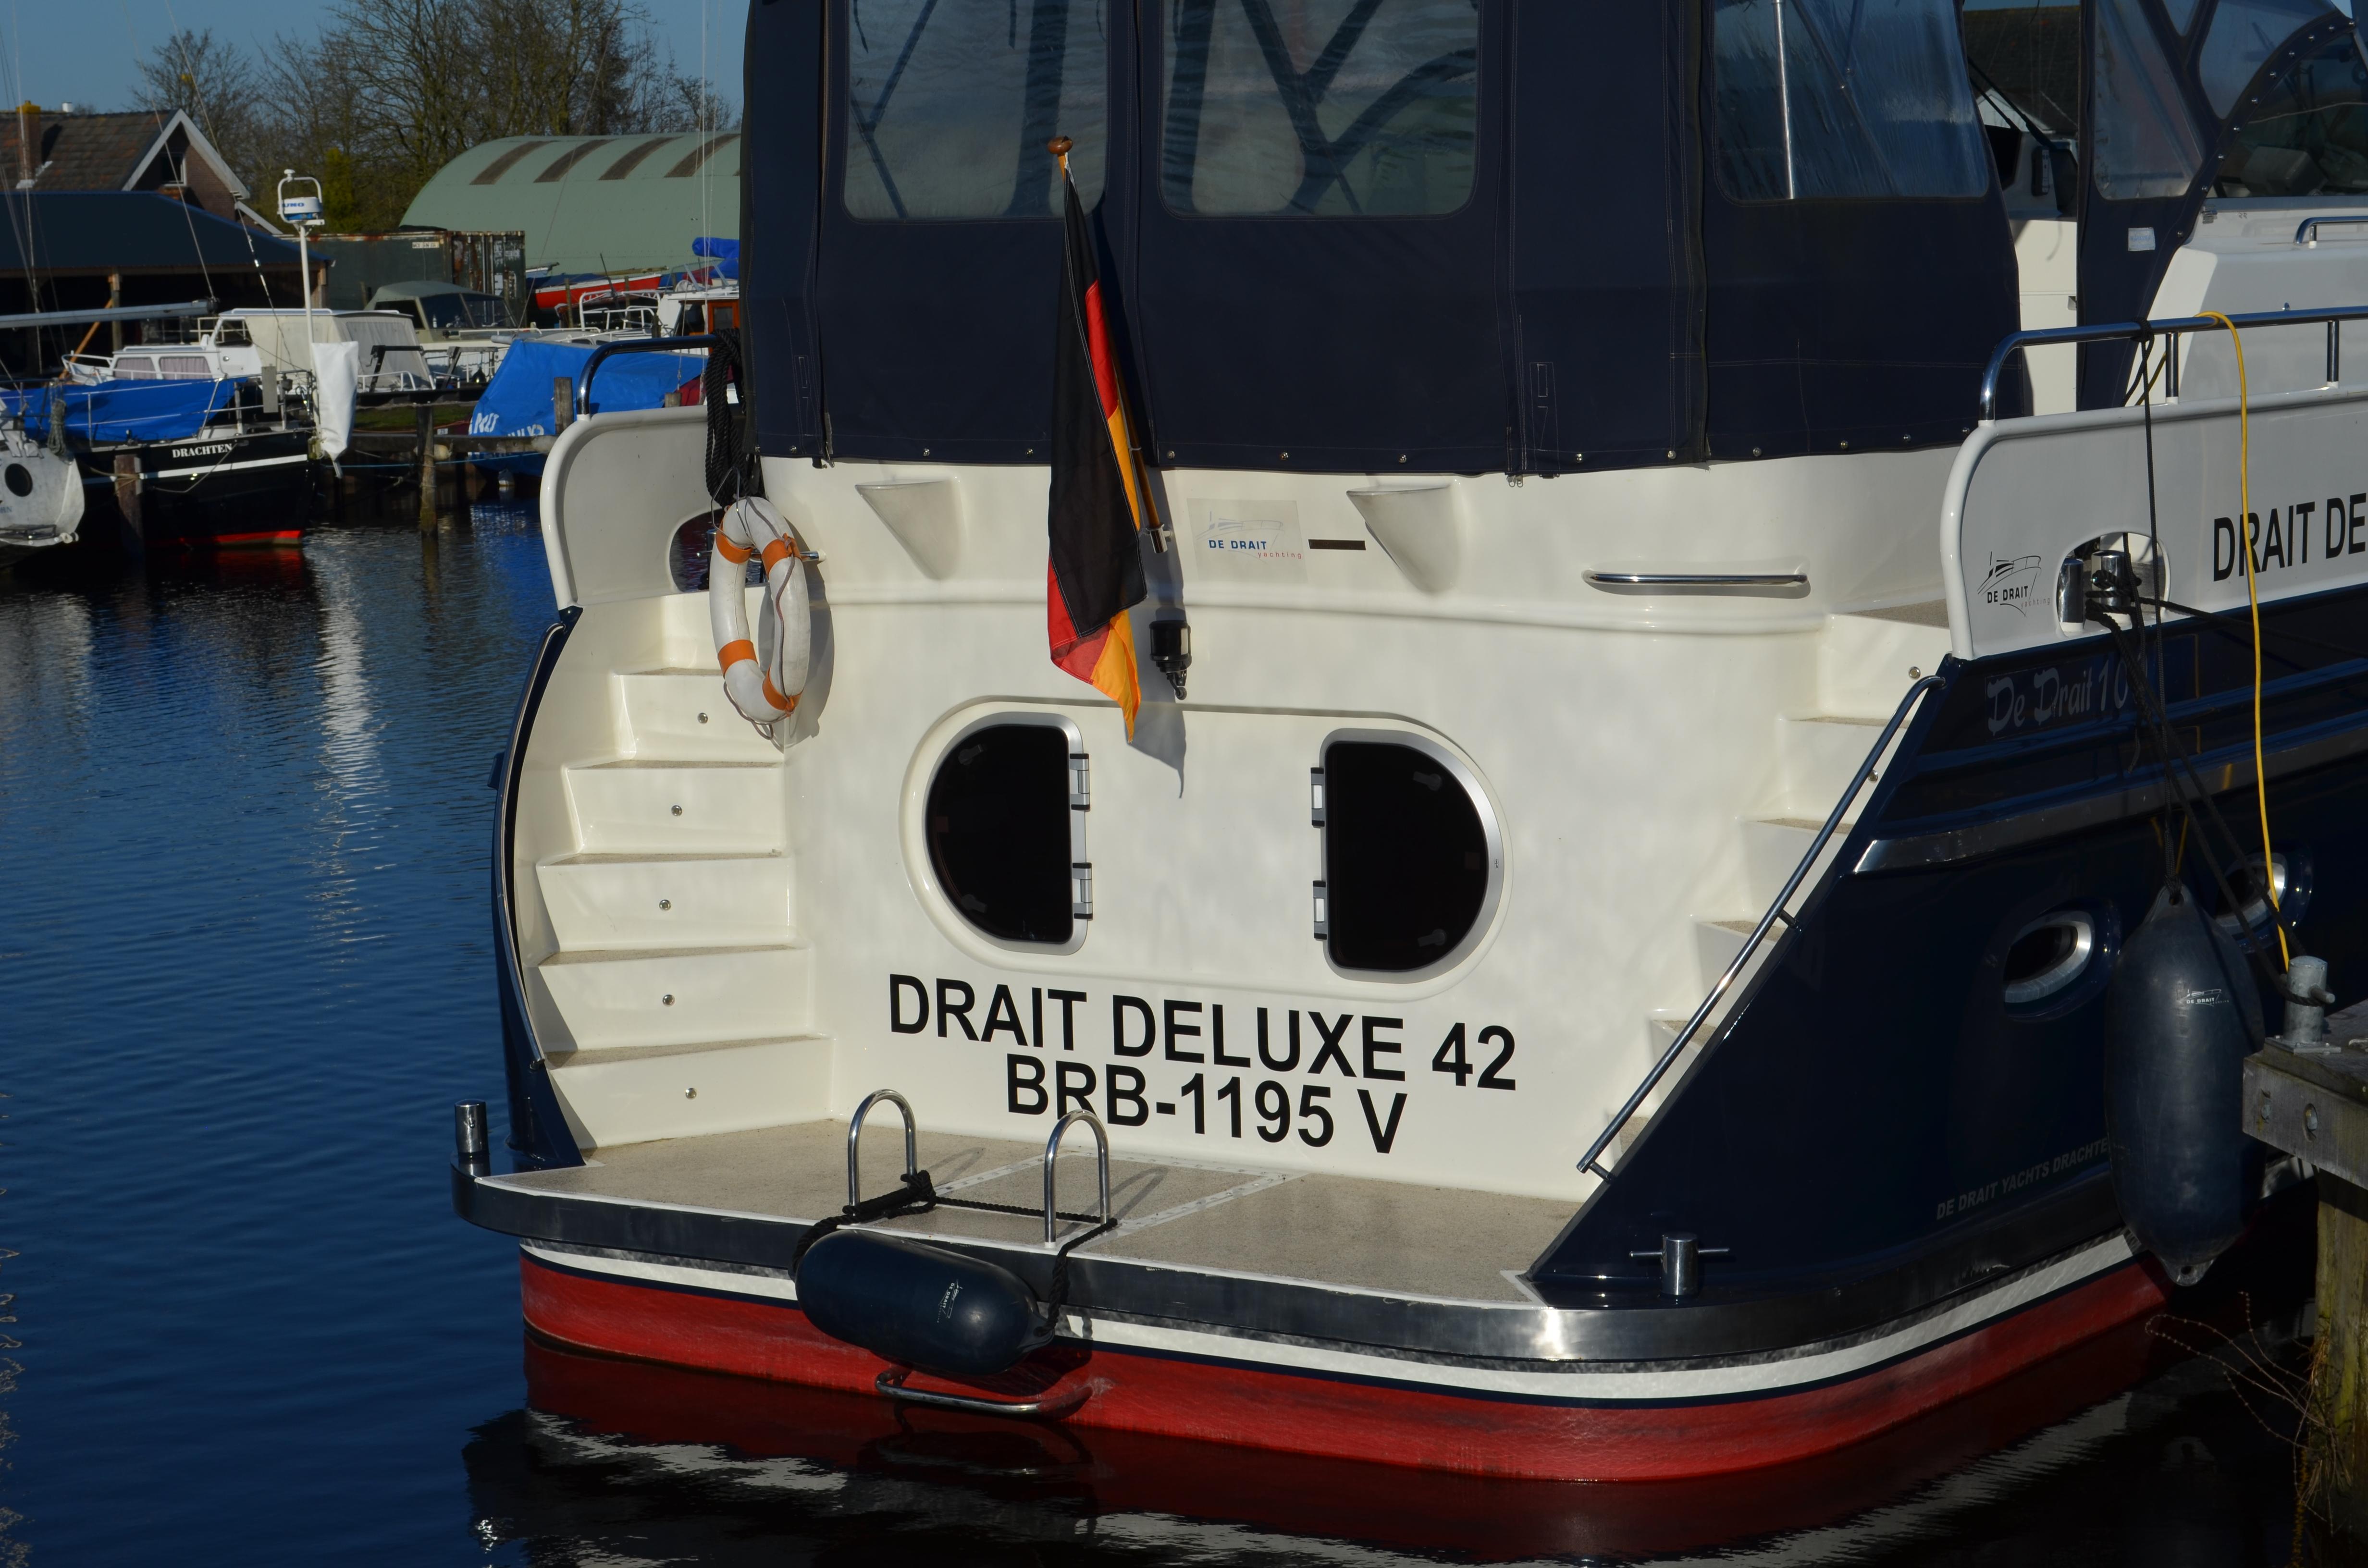 DeLuxe 42 (Drait 116)  - 4